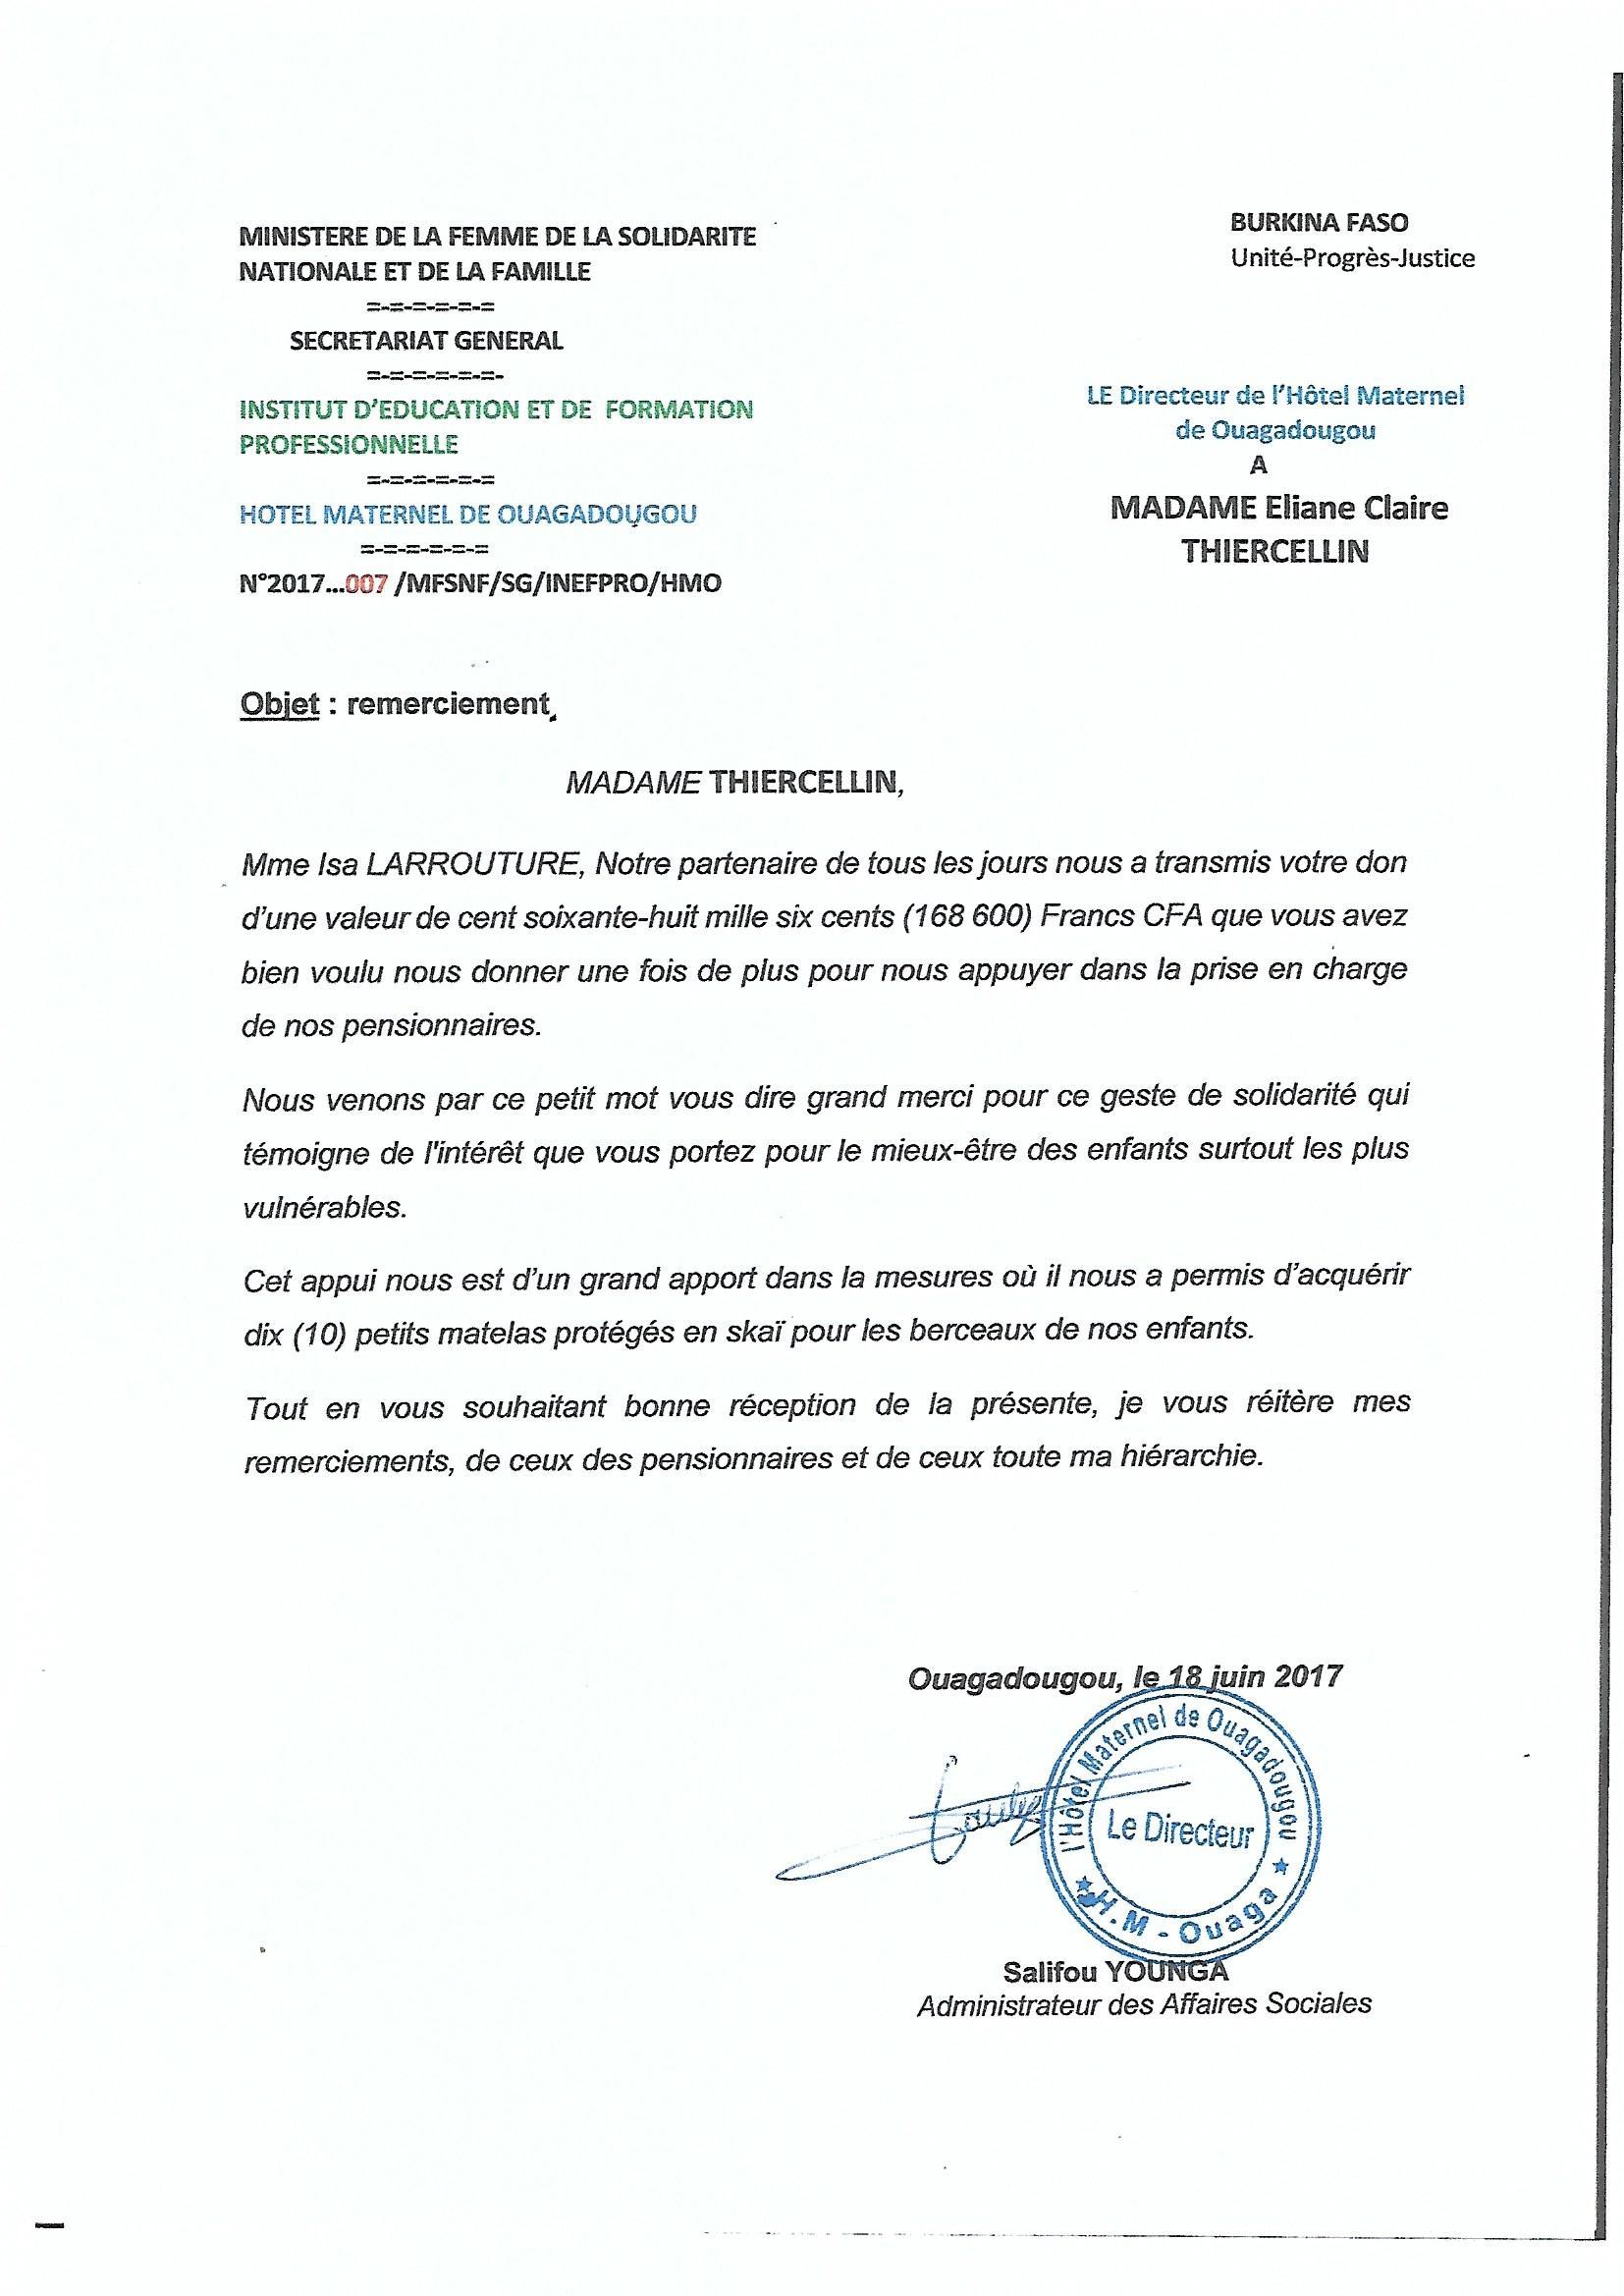 Lettre de remerciement РіВ un directeur